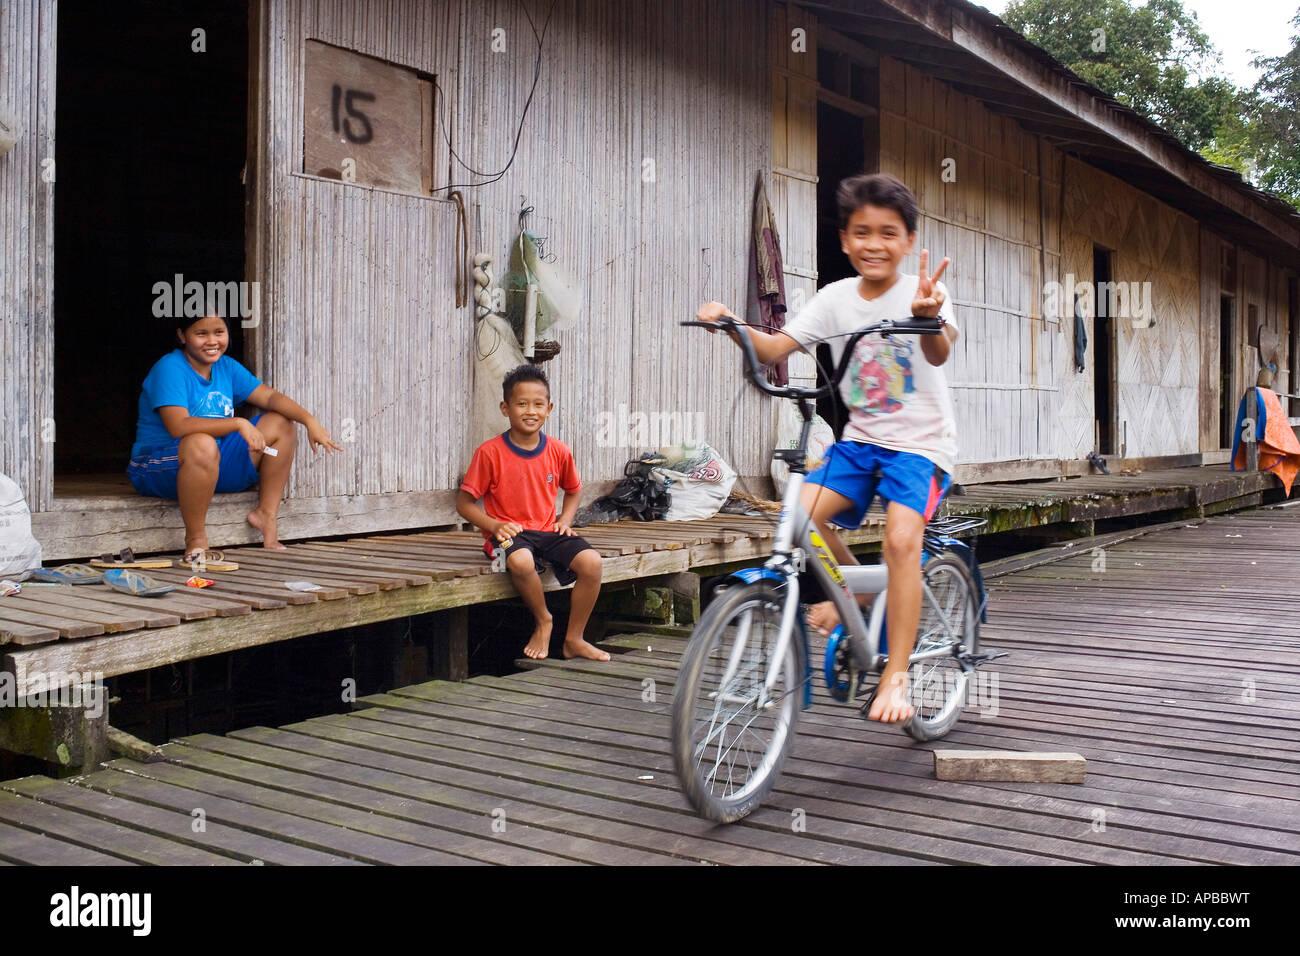 Iban people, Sarawak, Borneo, Malaysia - Stock Image